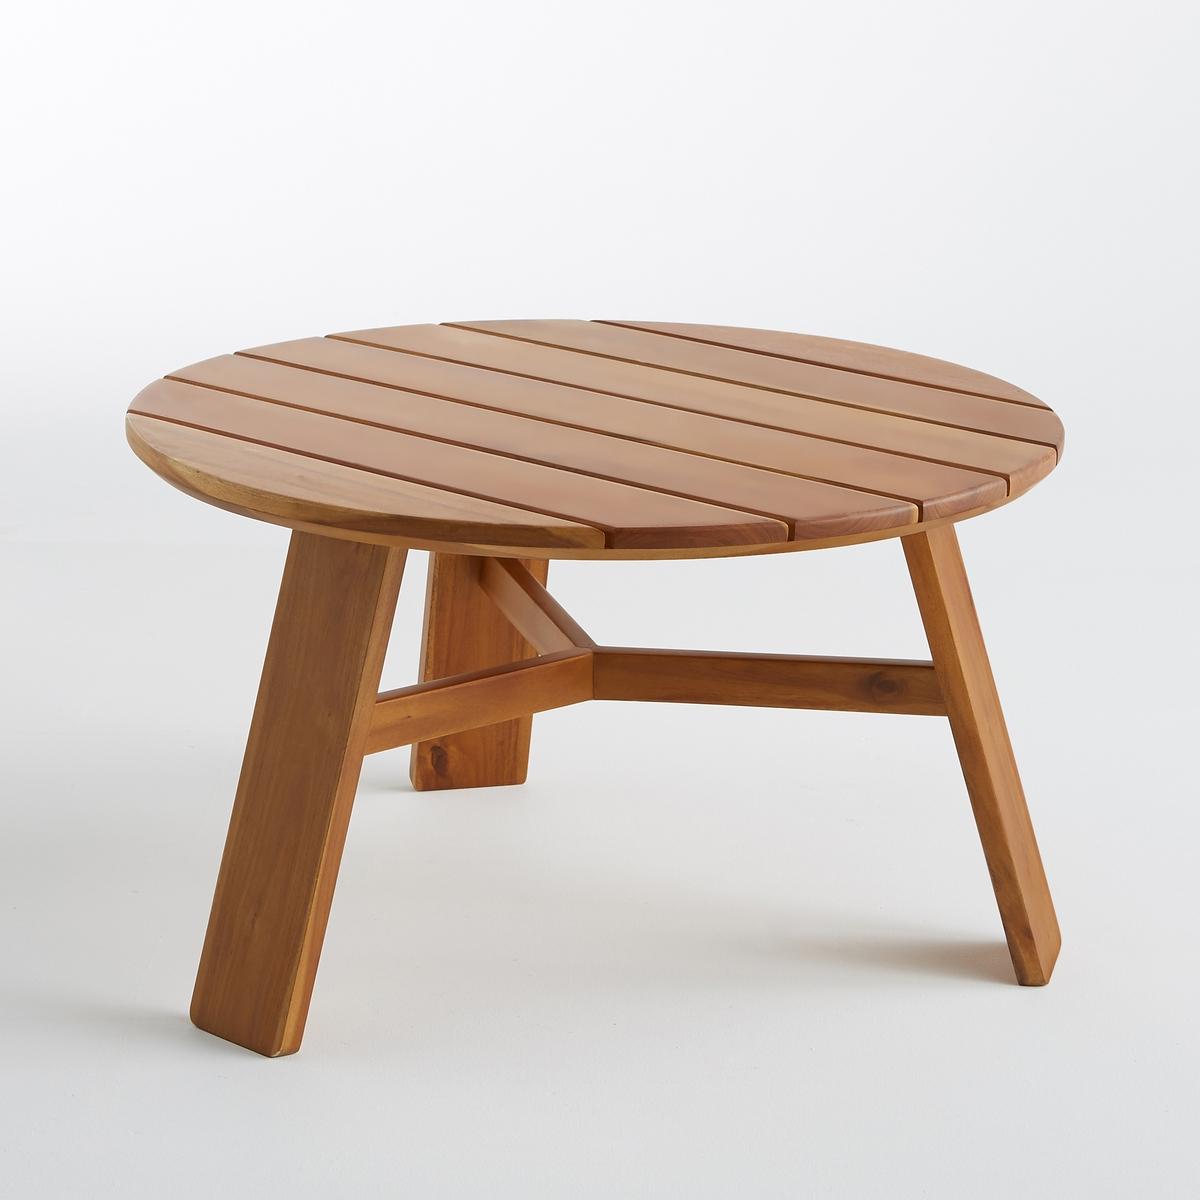 Столик журнальный для сада AlestraЖурнальный столик для сада Alestra. Журнальный столик для сада на 3 ножках отлично сочетается со стильными креслами Adirondack Th?odore, представленными на нашем сайте.Характеристики : - Из акации, окрашенной под тик, покрытие олифой- Столешница из реек- 3 ножкиРазмеры  :- диаметр 70 x высота 40 см<br><br>Цвет: темно-синий